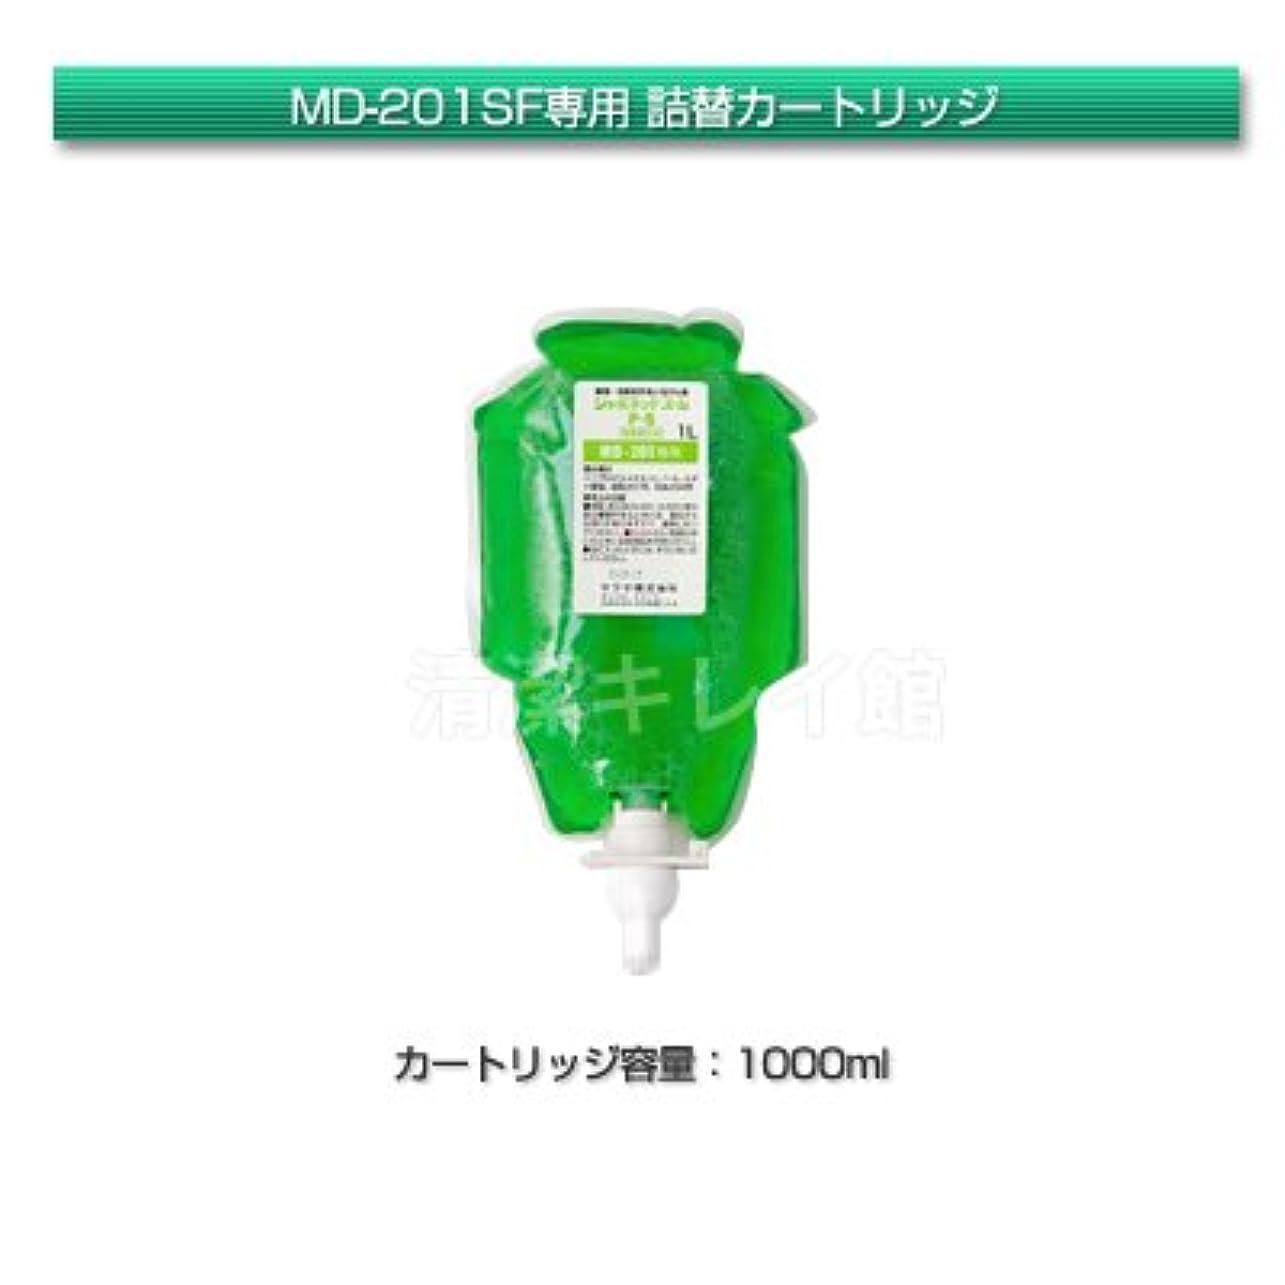 慣習バス発掘するサラヤ プッシュ式石鹸液 MD-201SF(泡)専用カートリッジ(ユムP-5)1000ml【清潔キレイ館】